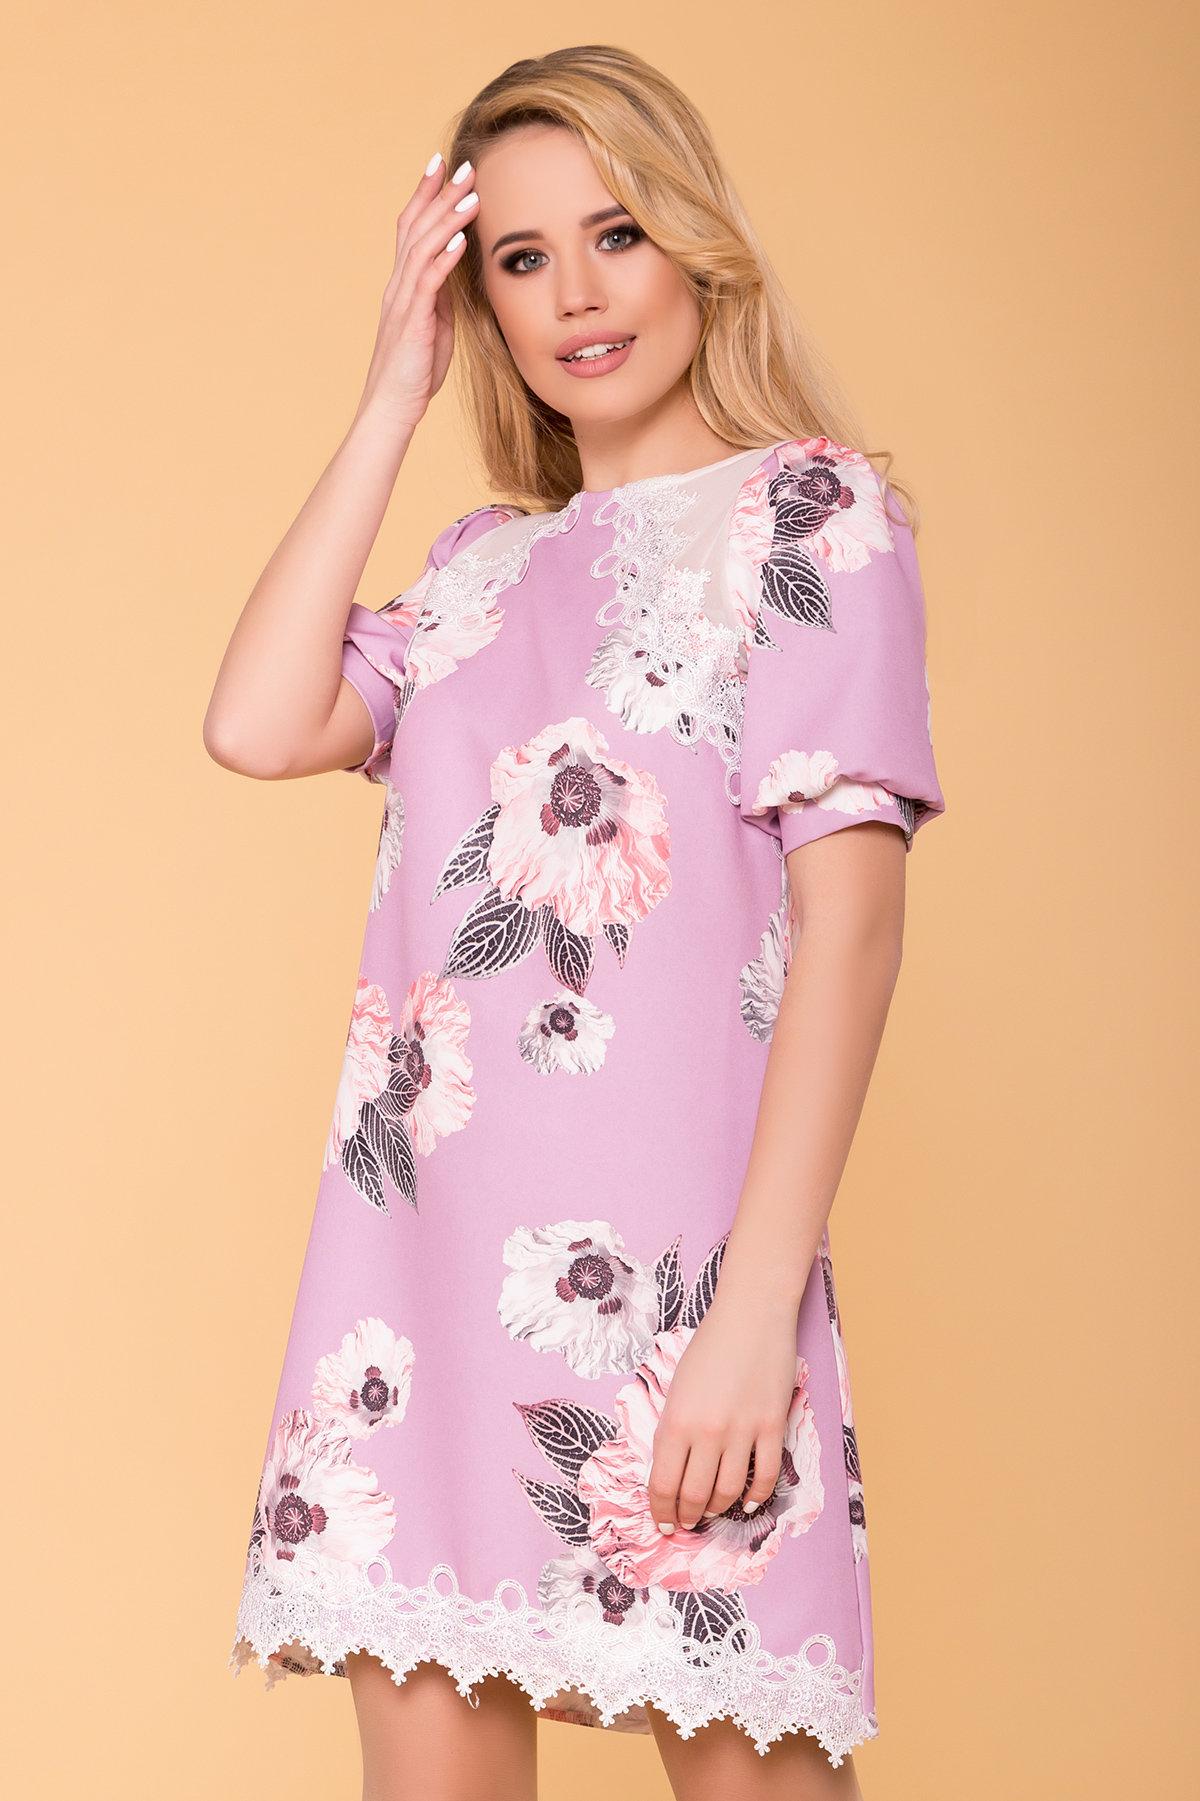 Платье Алексис 6752 АРТ. 41840 Цвет: цветы пудра темная - фото 3, интернет магазин tm-modus.ru